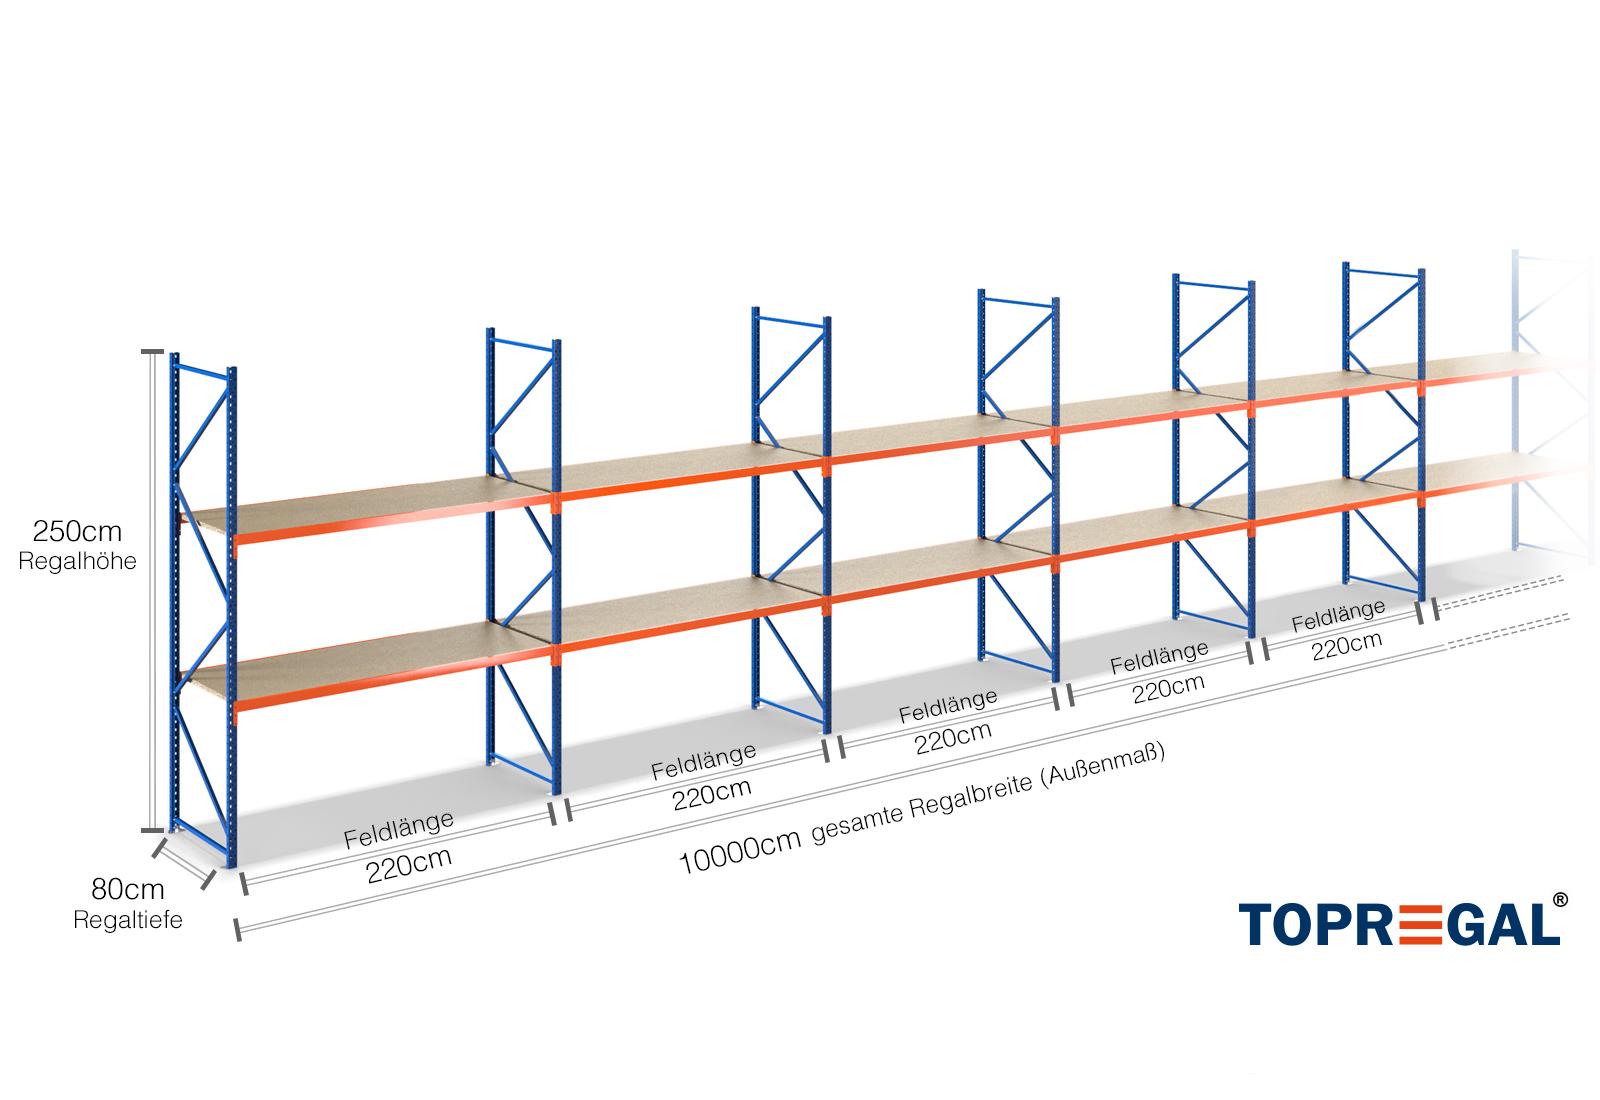 100m lagerregal 250cm hoch 80cm tief mit 2 ebenen inkl for Gartenteich 80 cm tief